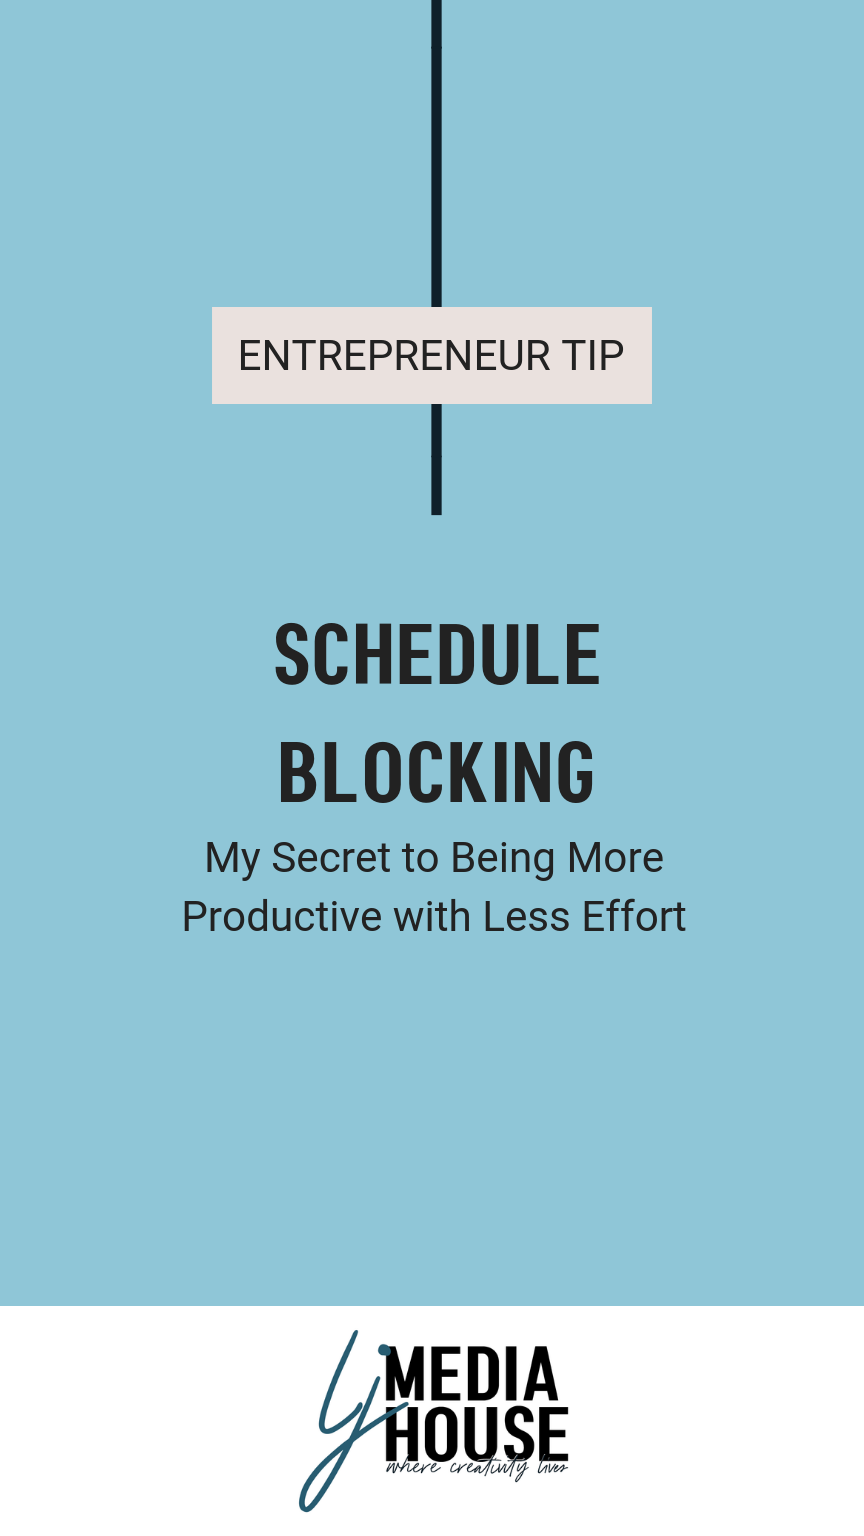 Schedule Blocking